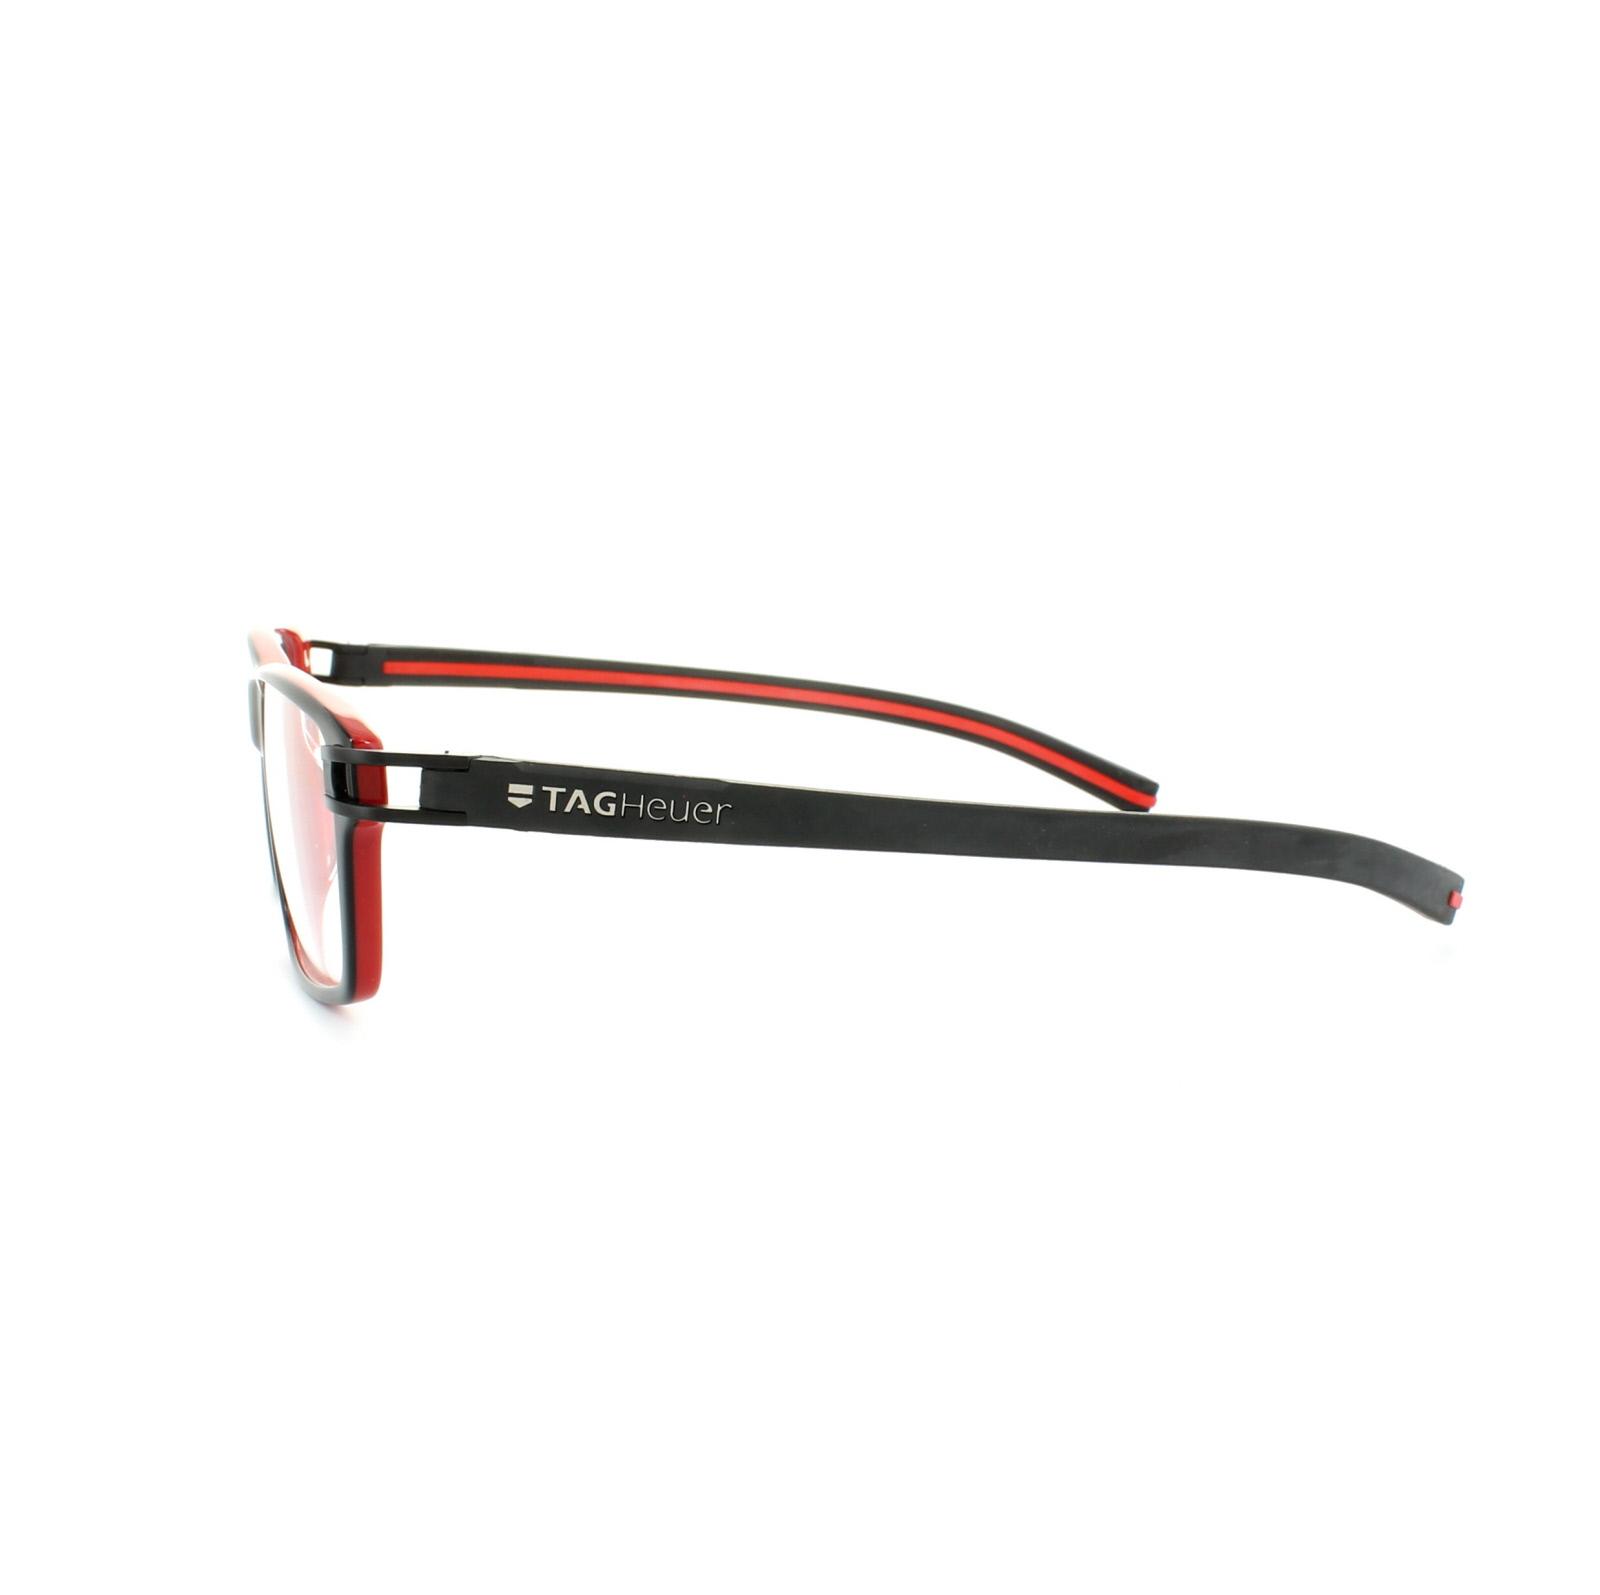 Tag heuer eyeglasses frames uk - Sentinel Tag Heuer Glasses Frames Track S 7601 001 Black Red